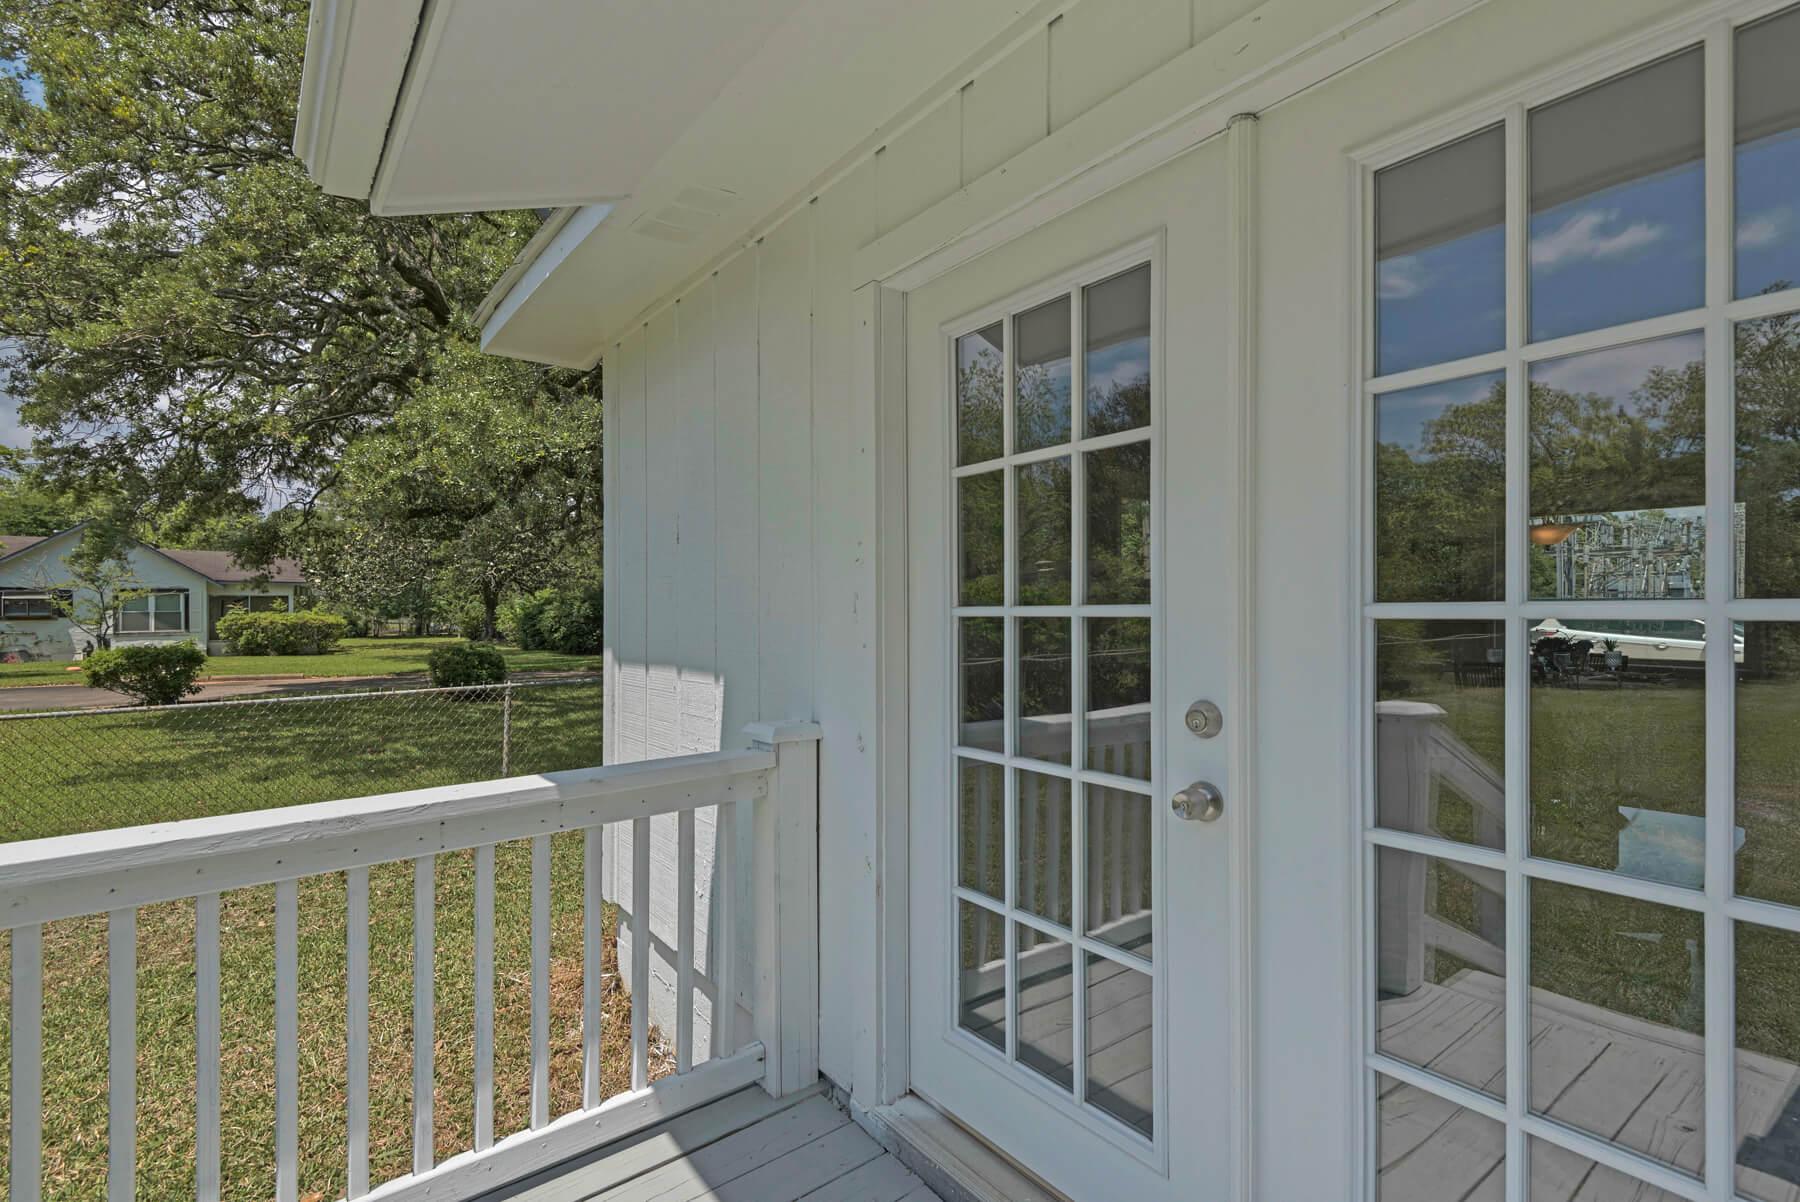 7466 Twin Beech Road Fairhope for Sale Urban Property backyard view 3